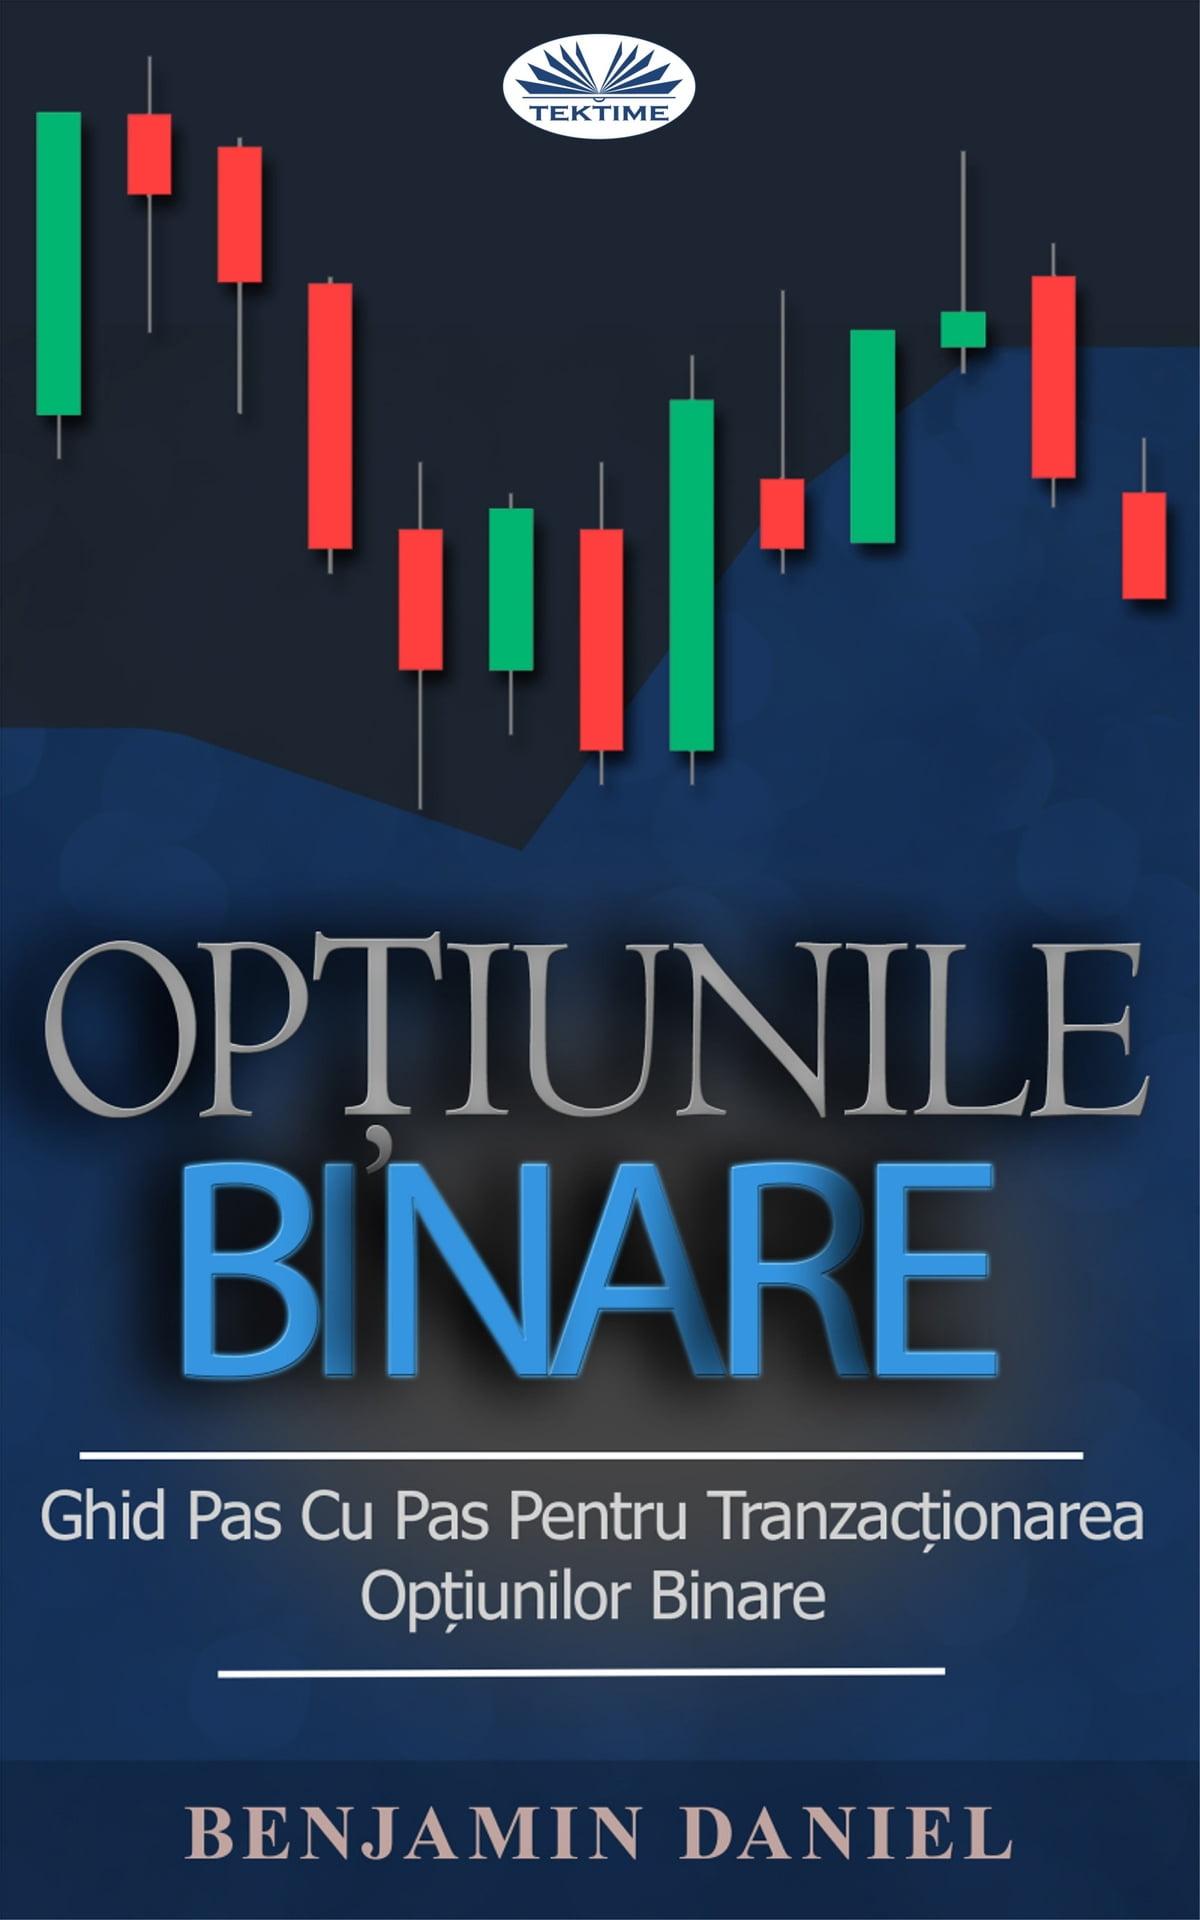 Optiuni Binare   Inainte sa tranzactionezi, afla totul despre optiunile binare